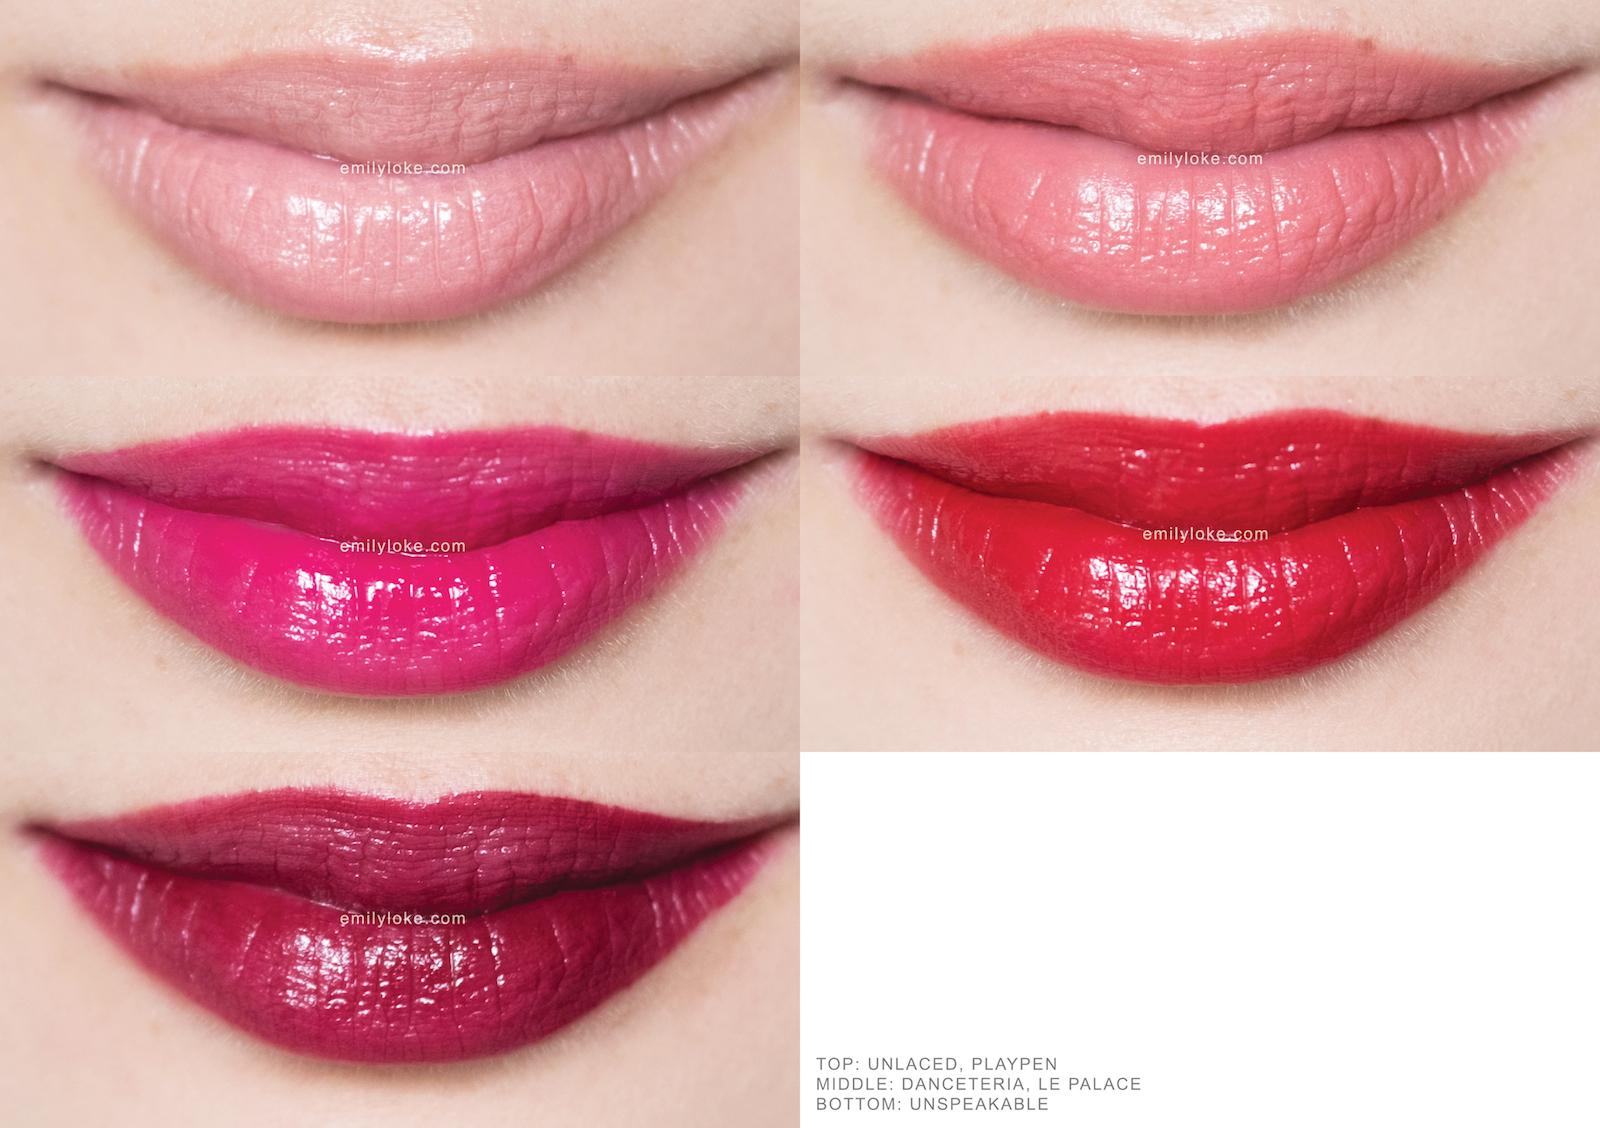 nars velvet lip glide swatches 1